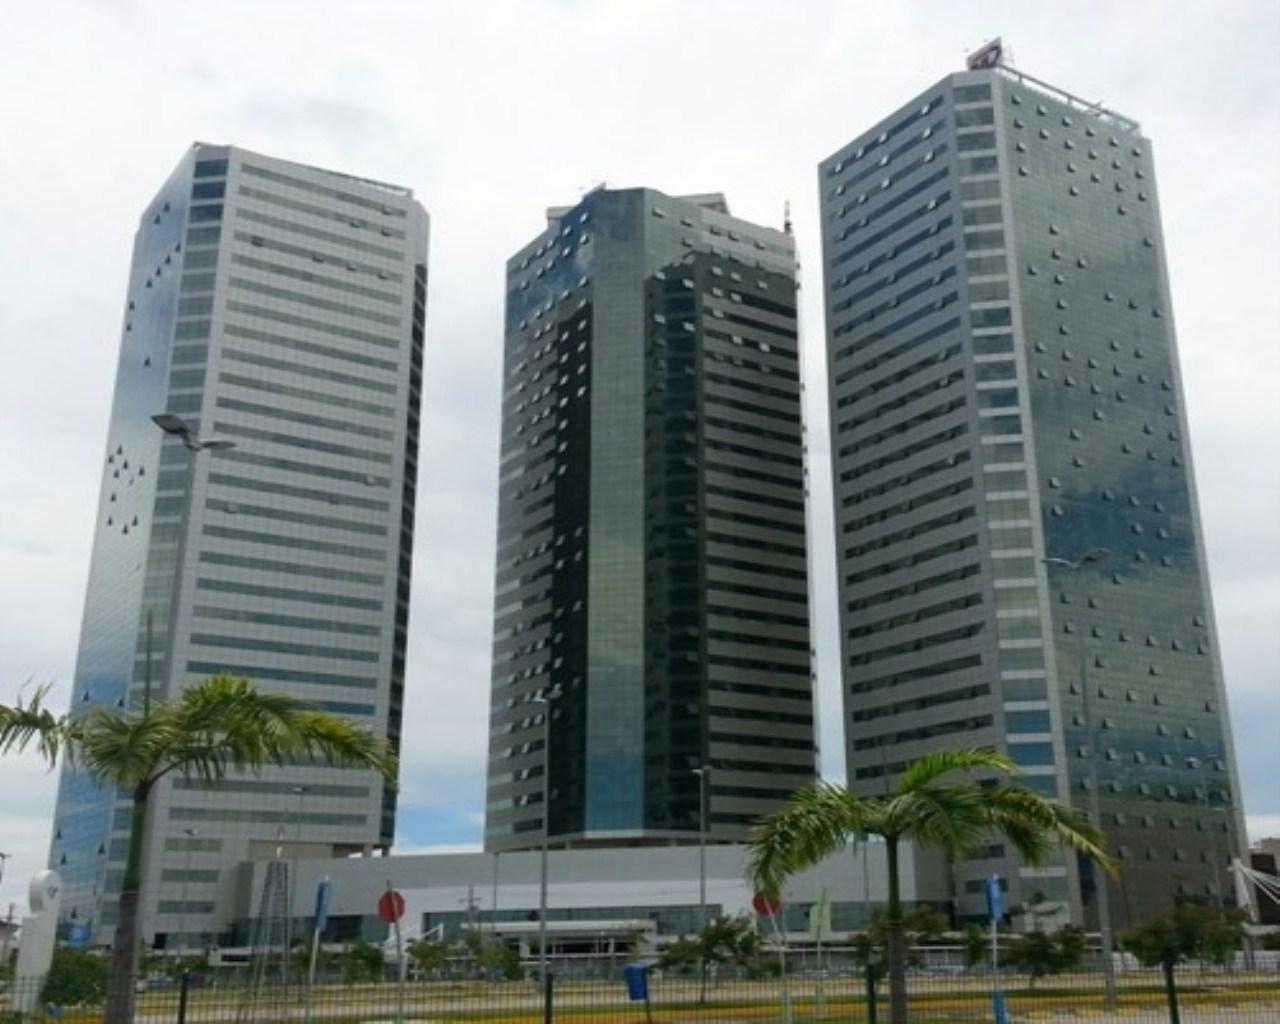 App, Zé Maria Imóveis, alphaville, imobiliária, recife, comprar, vender, alugar, permutar, avaliação, lajes corporativas, consórcio imobiliário, segur